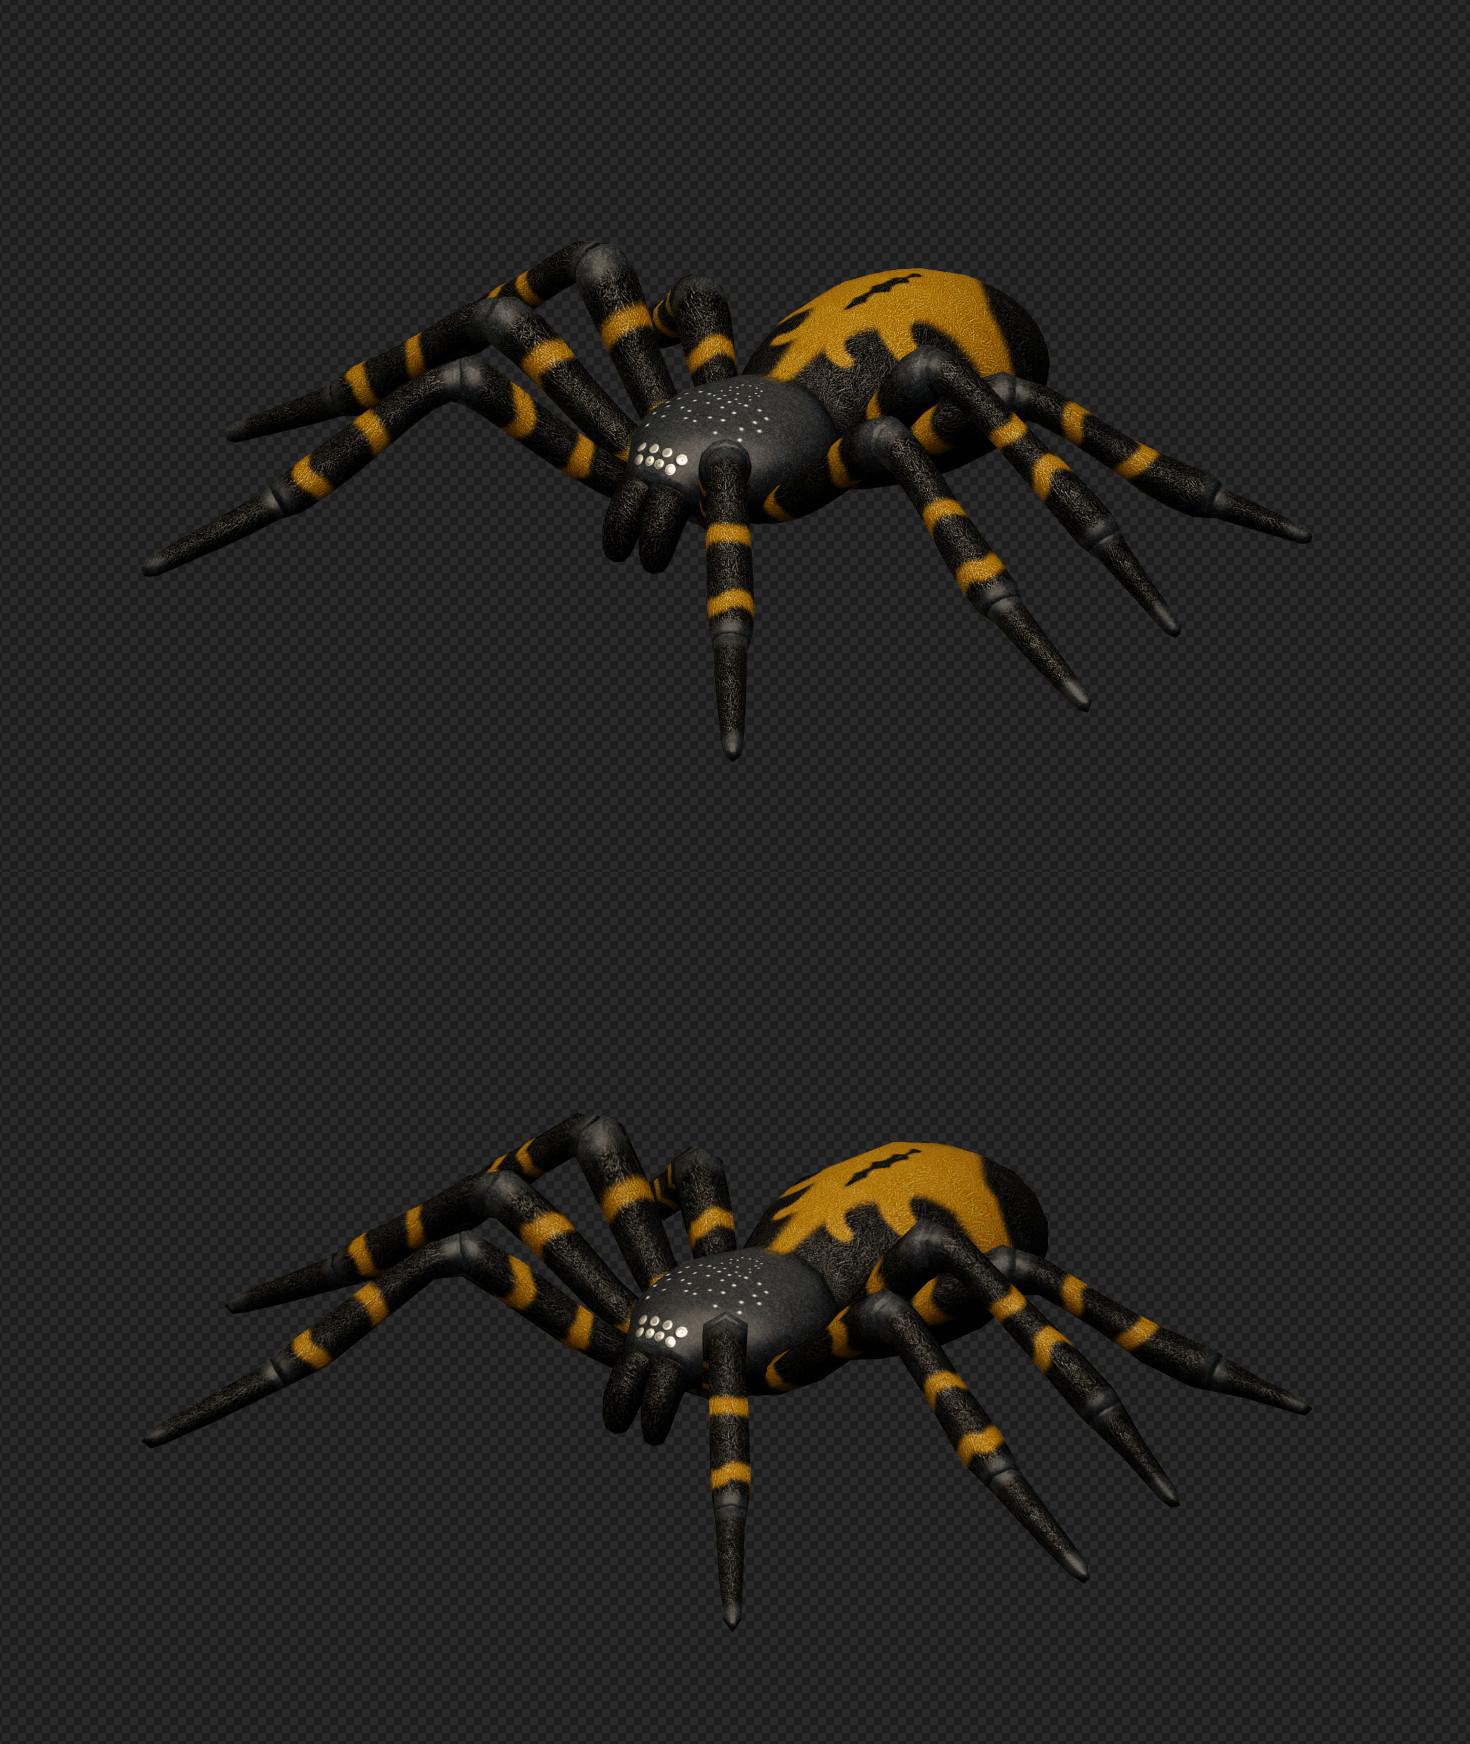 spider_render_compare.jpg